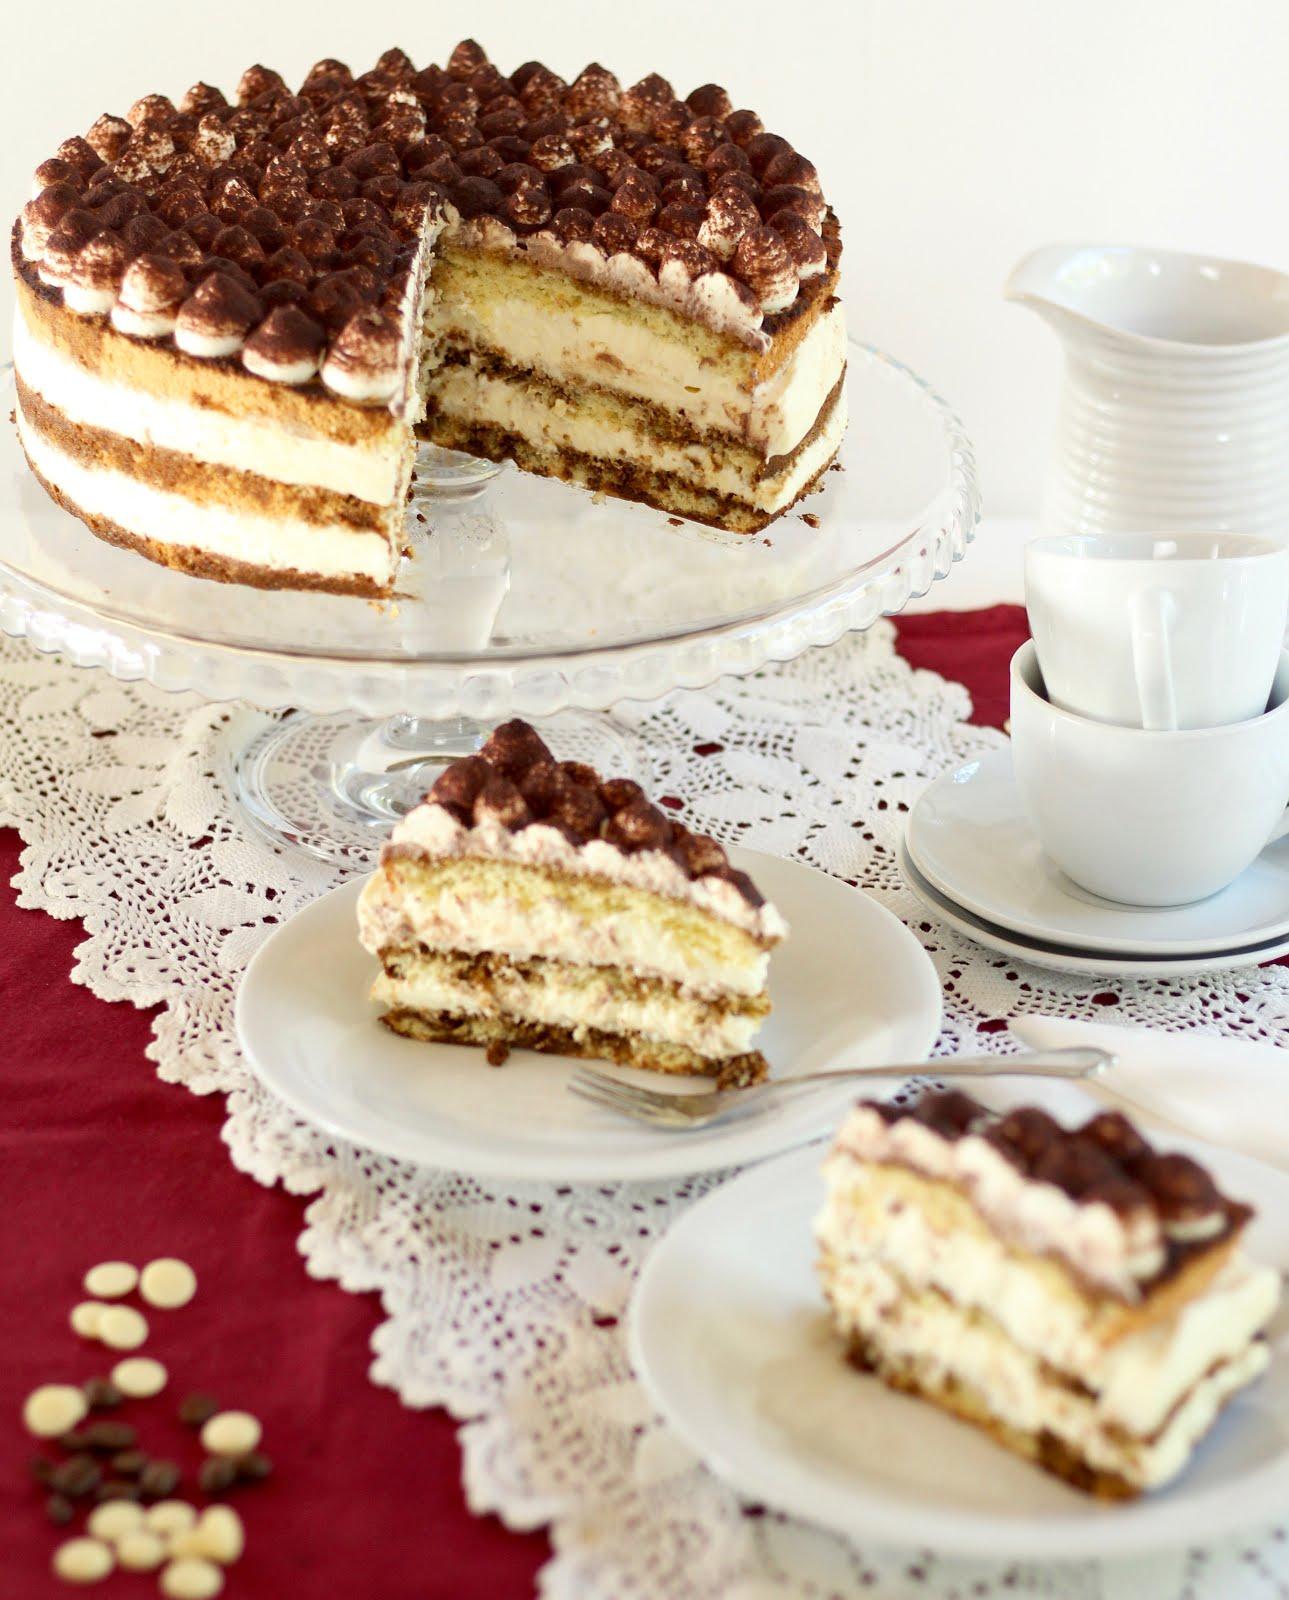 Kaffee-Torte mit weißer Schokosahne | Tiramisu-Torte mit feinem Biskuit | Rezept und Video von Sugarprincess